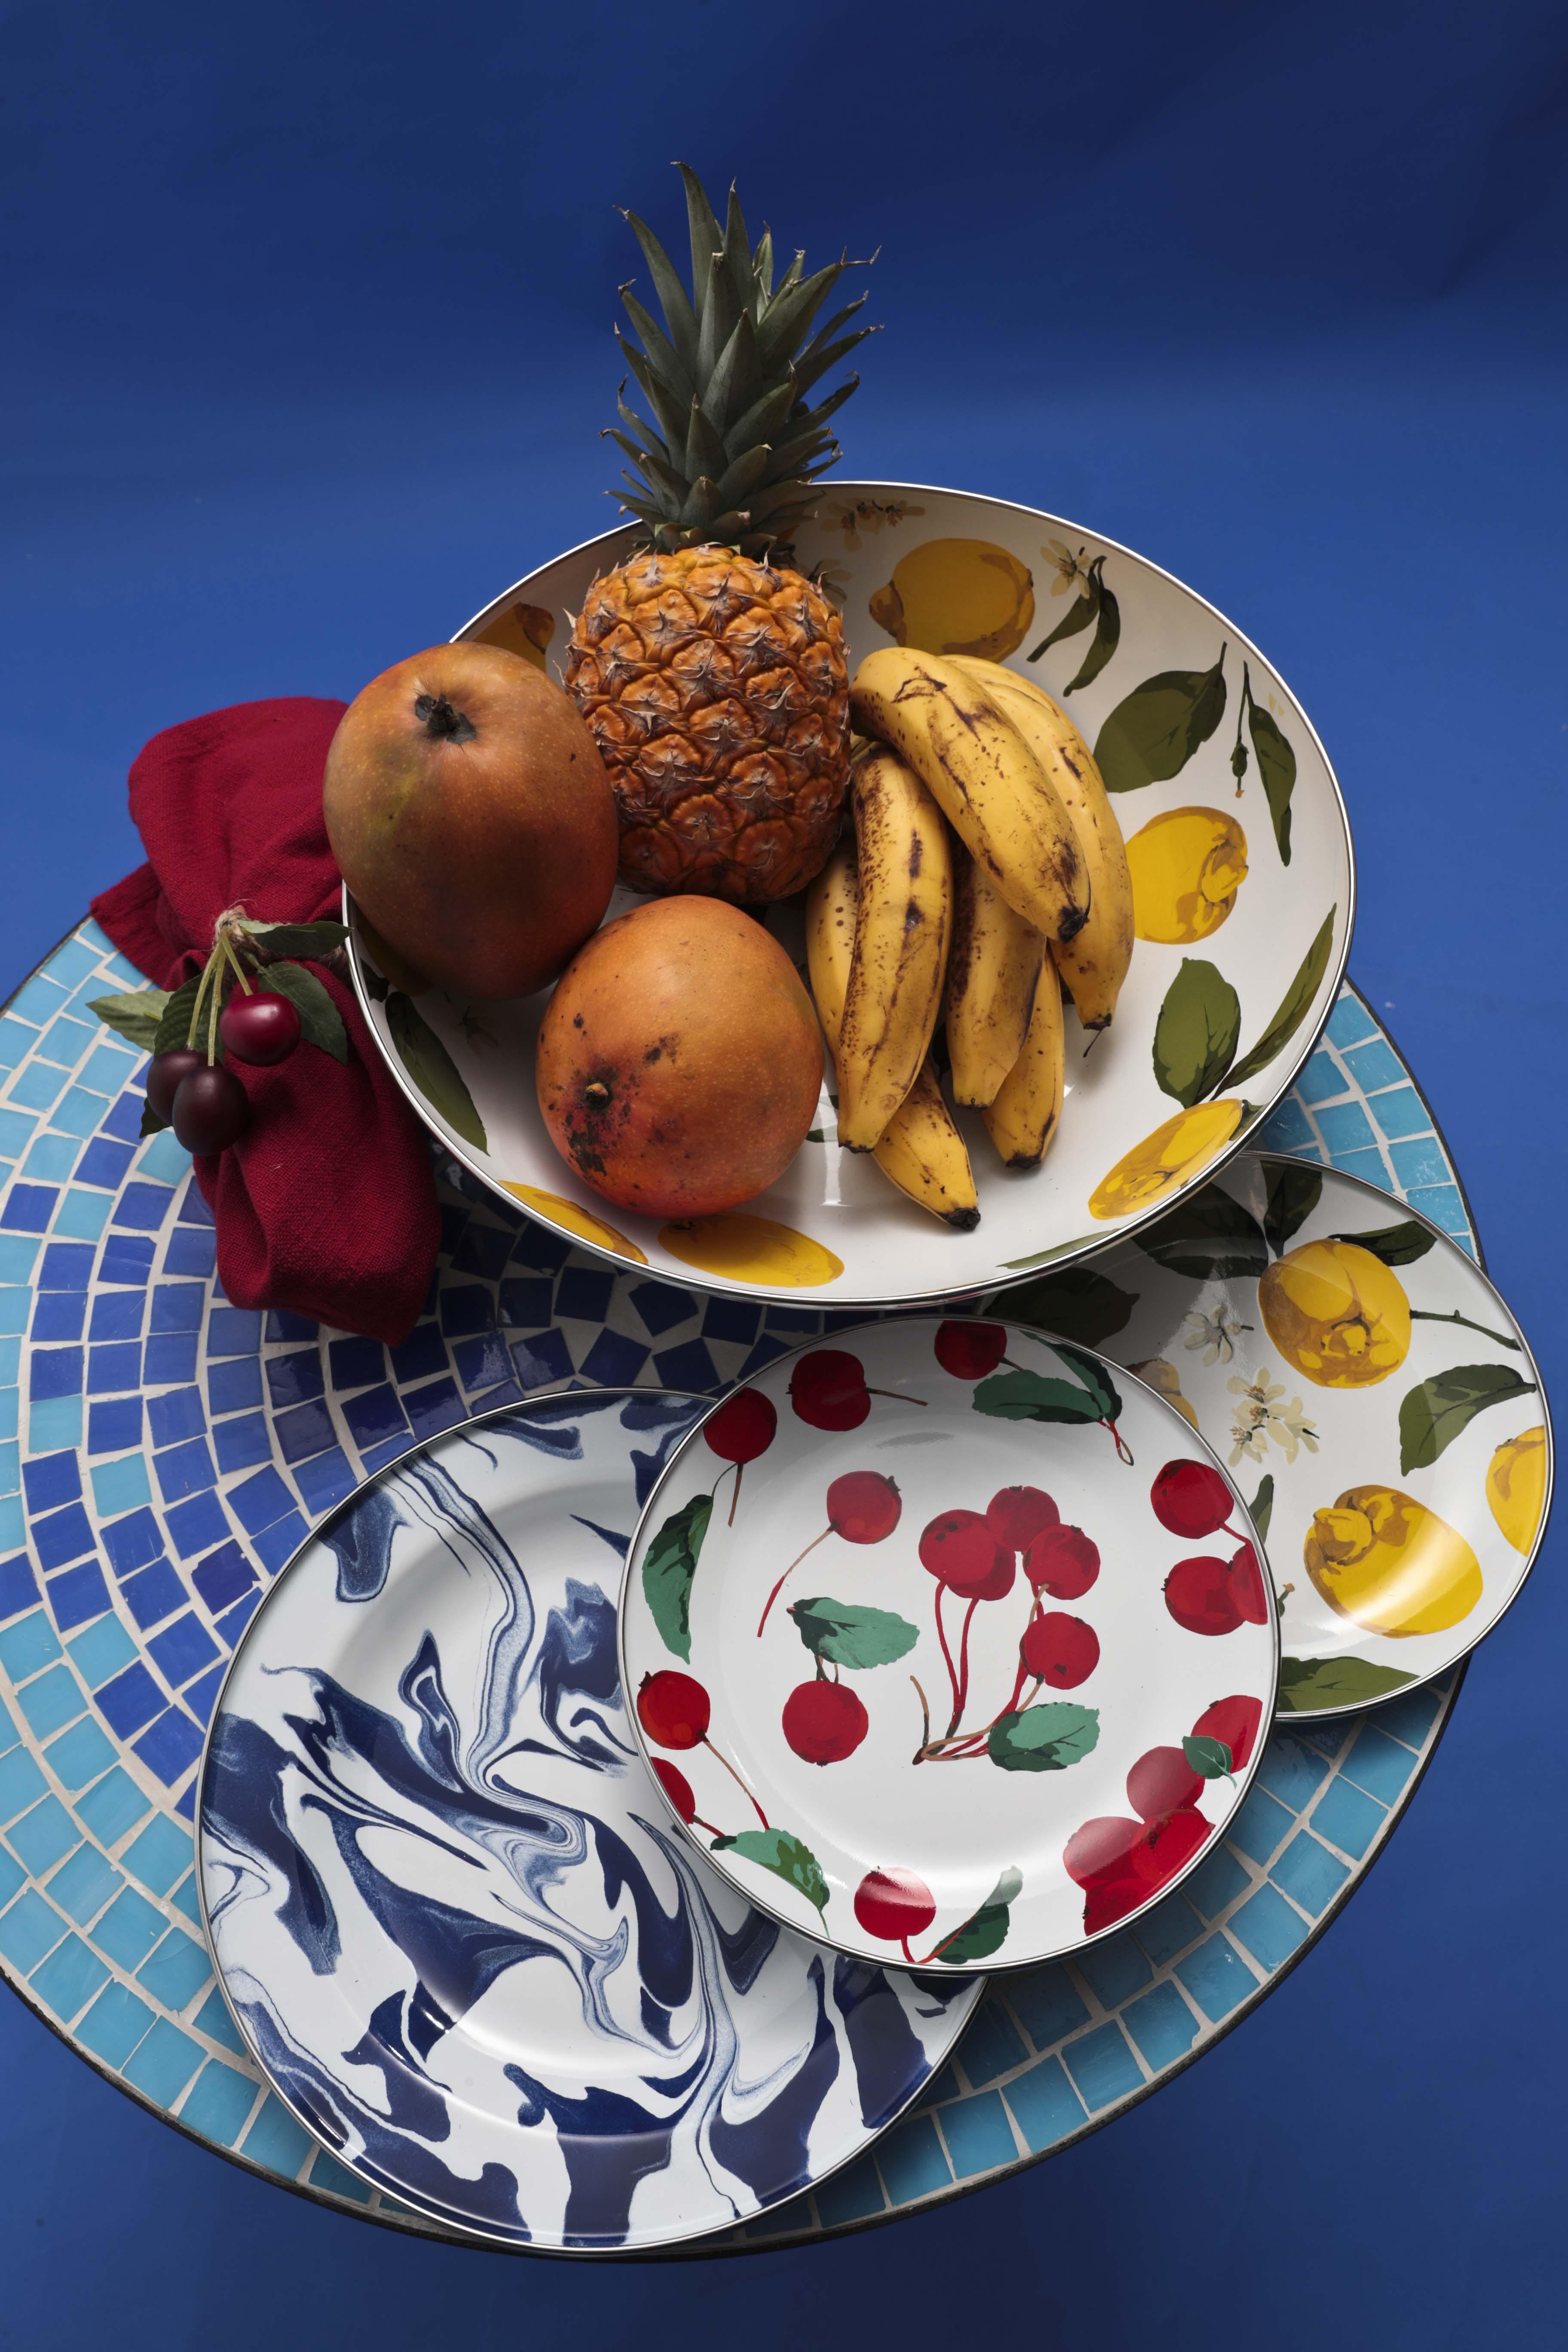 Mesa con tope de mosaico, de Bed, Bath and Beyond; platos de acero inoxidable con diseños esmaltados de frutas e imitando mármol, servilleta de hilo y anillo para servilleta con acento de cereza, de Pottery Barn. (Foto Wanda Liz Vega)